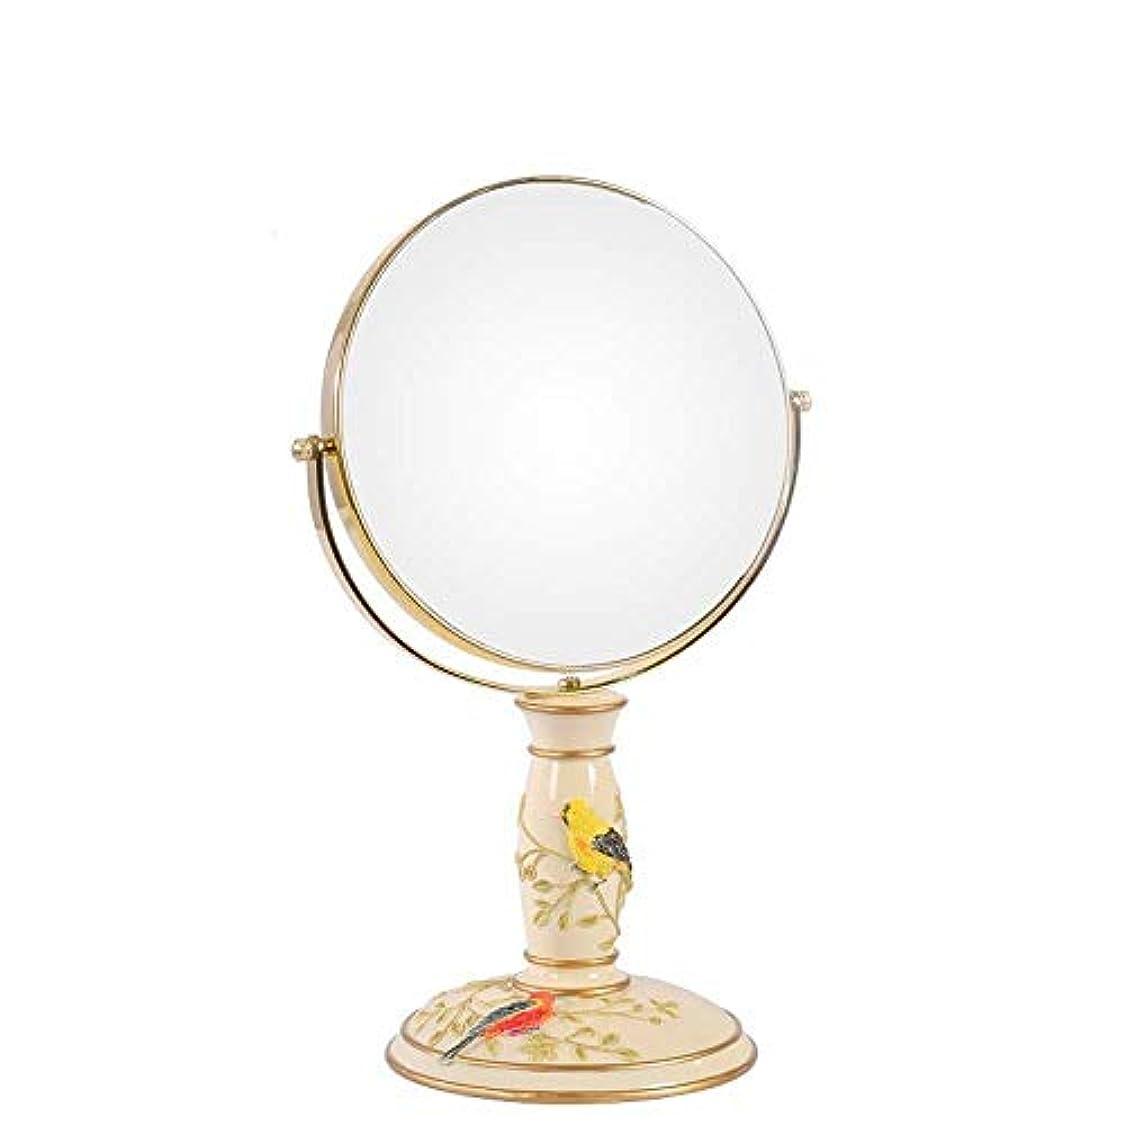 モニターコスト懲らしめ流行の ビンテージ化粧鏡、鏡360°回転スタンド、倍率1倍、3倍、ラウンドダブル両面回転化粧鏡